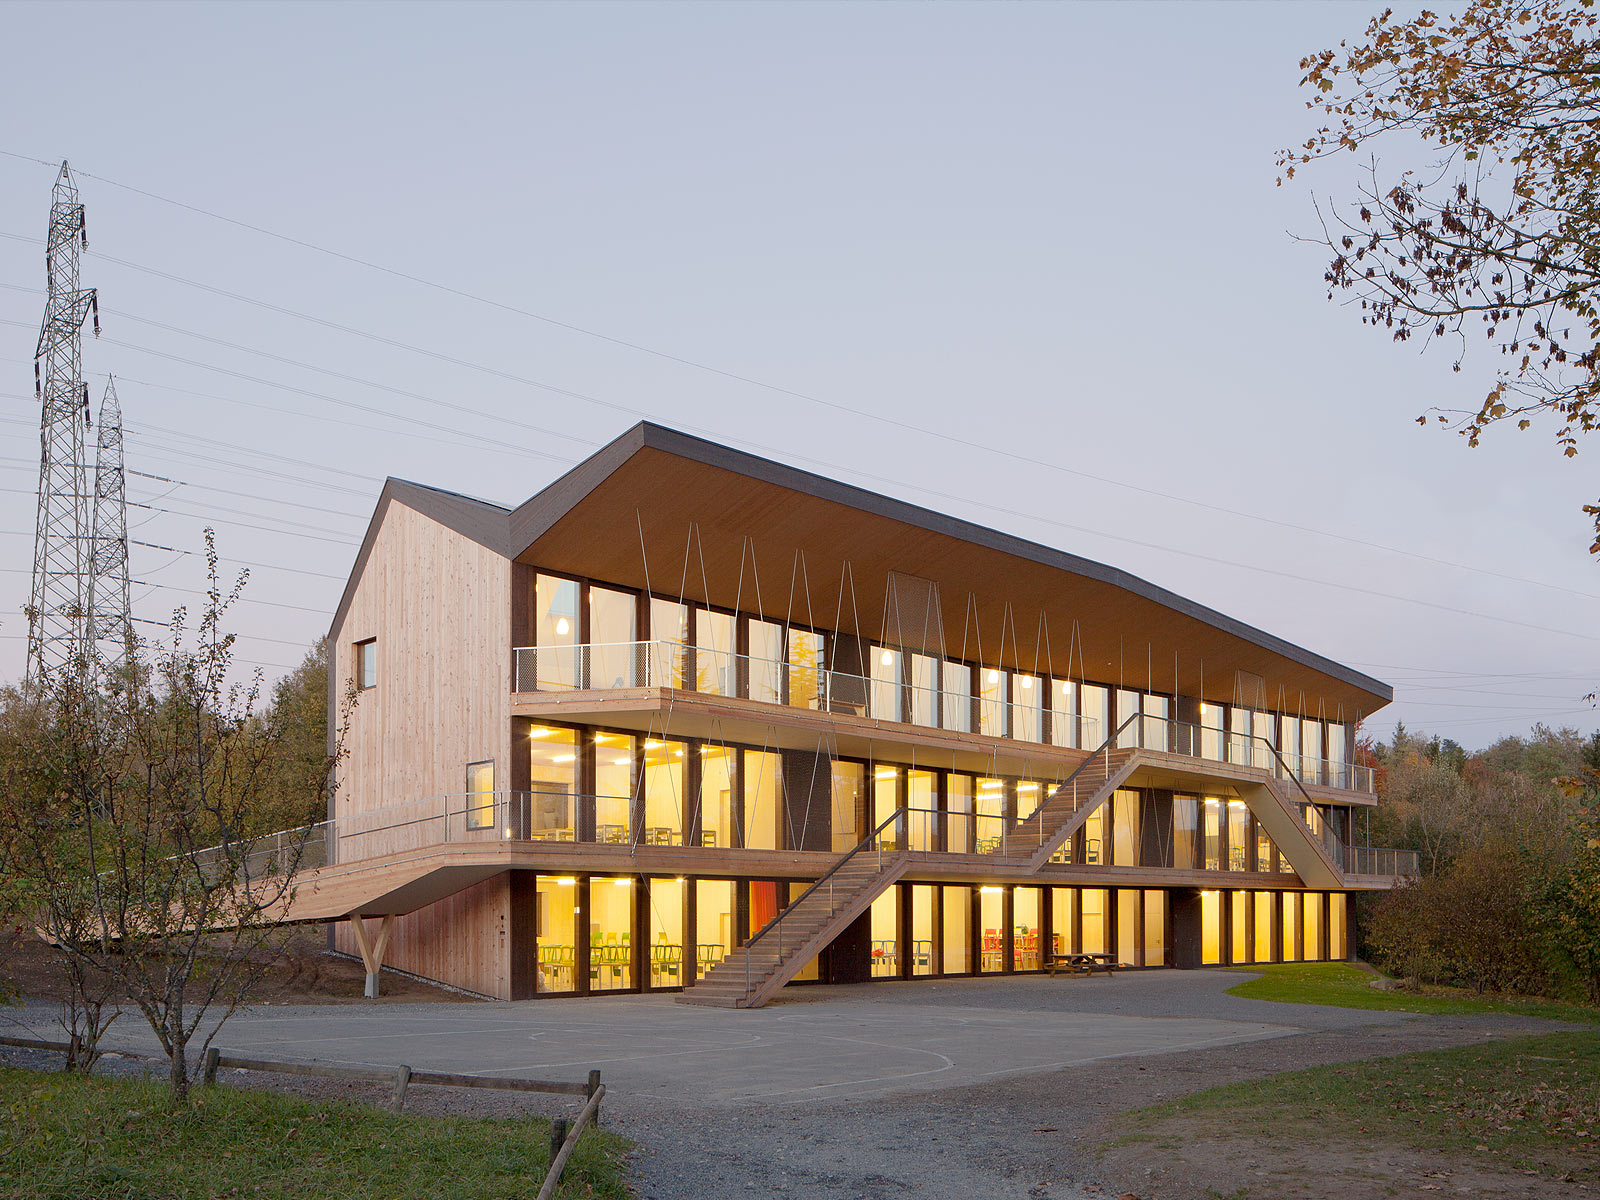 best architects architektur award localarchitecture localarchitecture steiner schule in. Black Bedroom Furniture Sets. Home Design Ideas